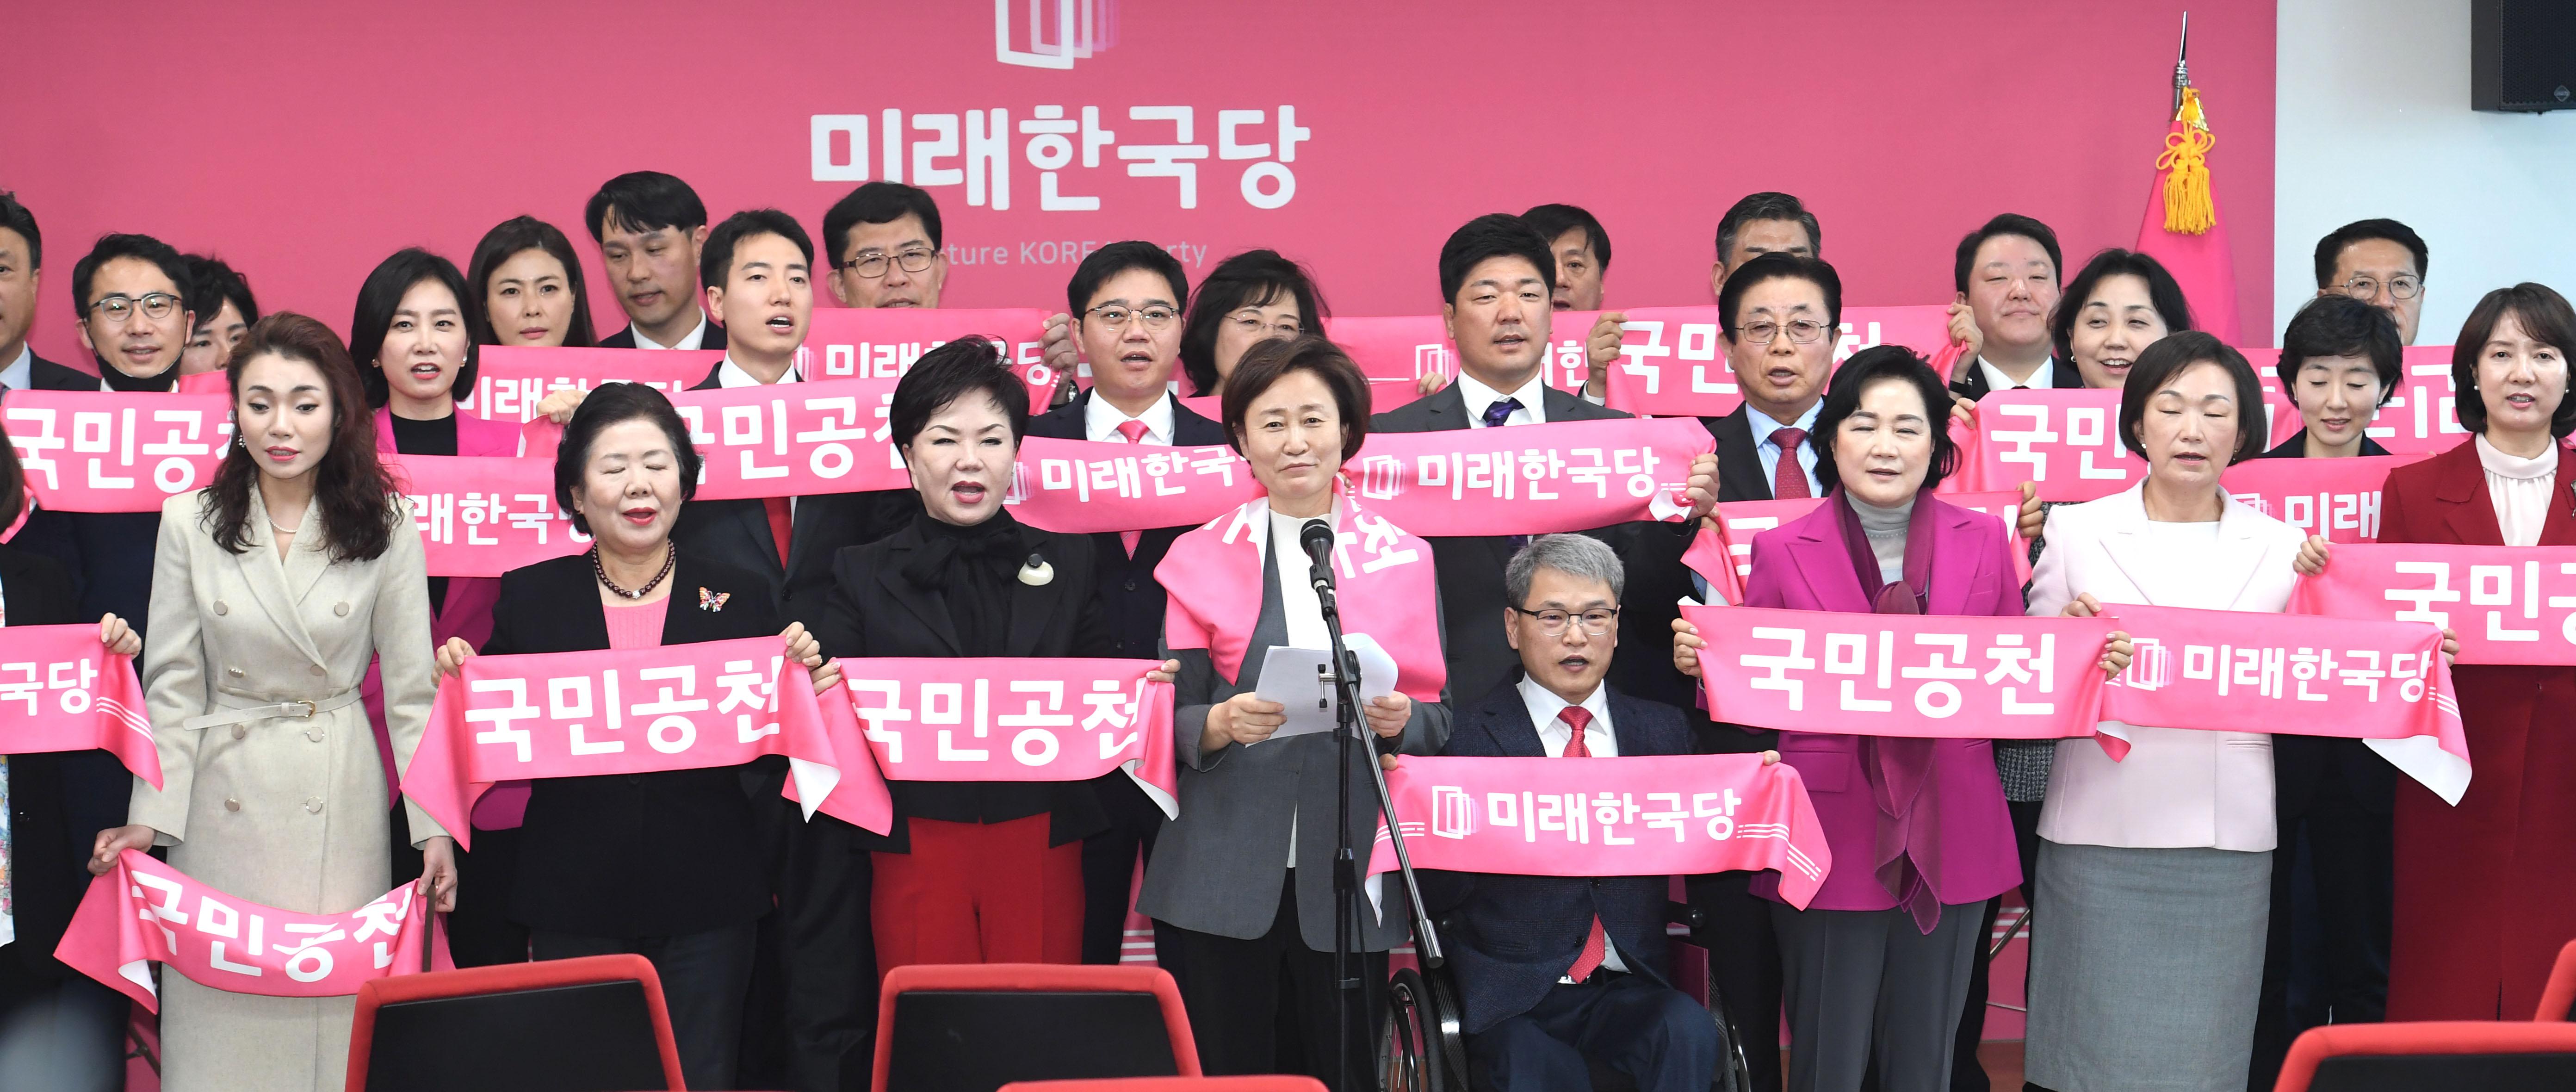 미래한국당 '국민 공천장 수여식'